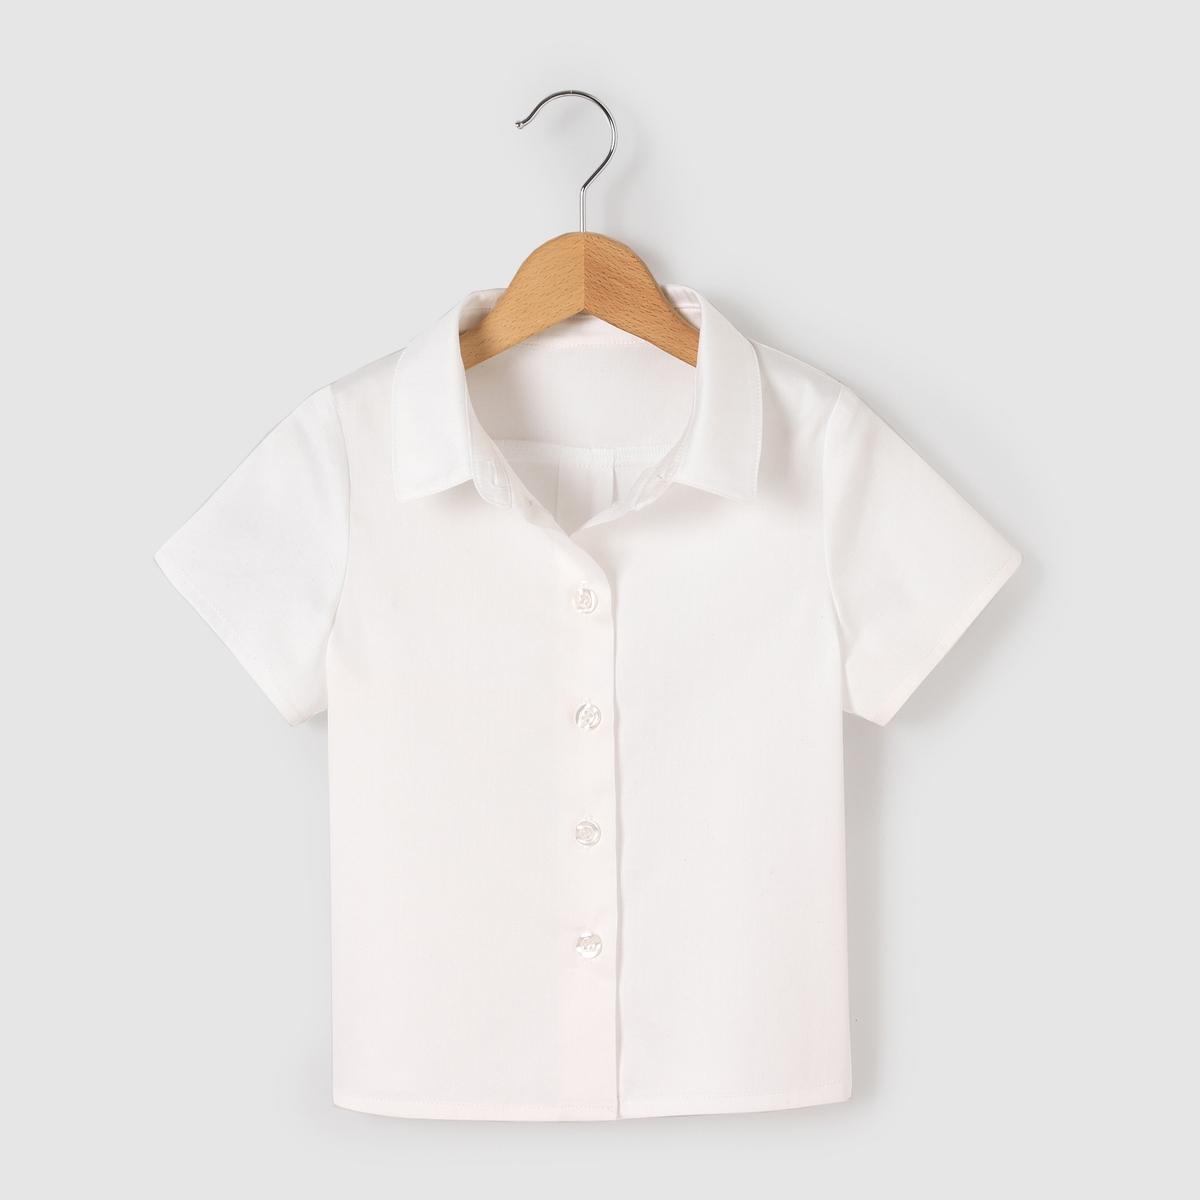 Рубашка с короткими рукавами для 3-12 летРубашка с короткими рукавами . 97 % хлопка, 3% эластана. На пуговицах спереди . Рубашечный воротник .<br><br>Цвет: набивной рисунок<br>Размер: 4 года - 102 см